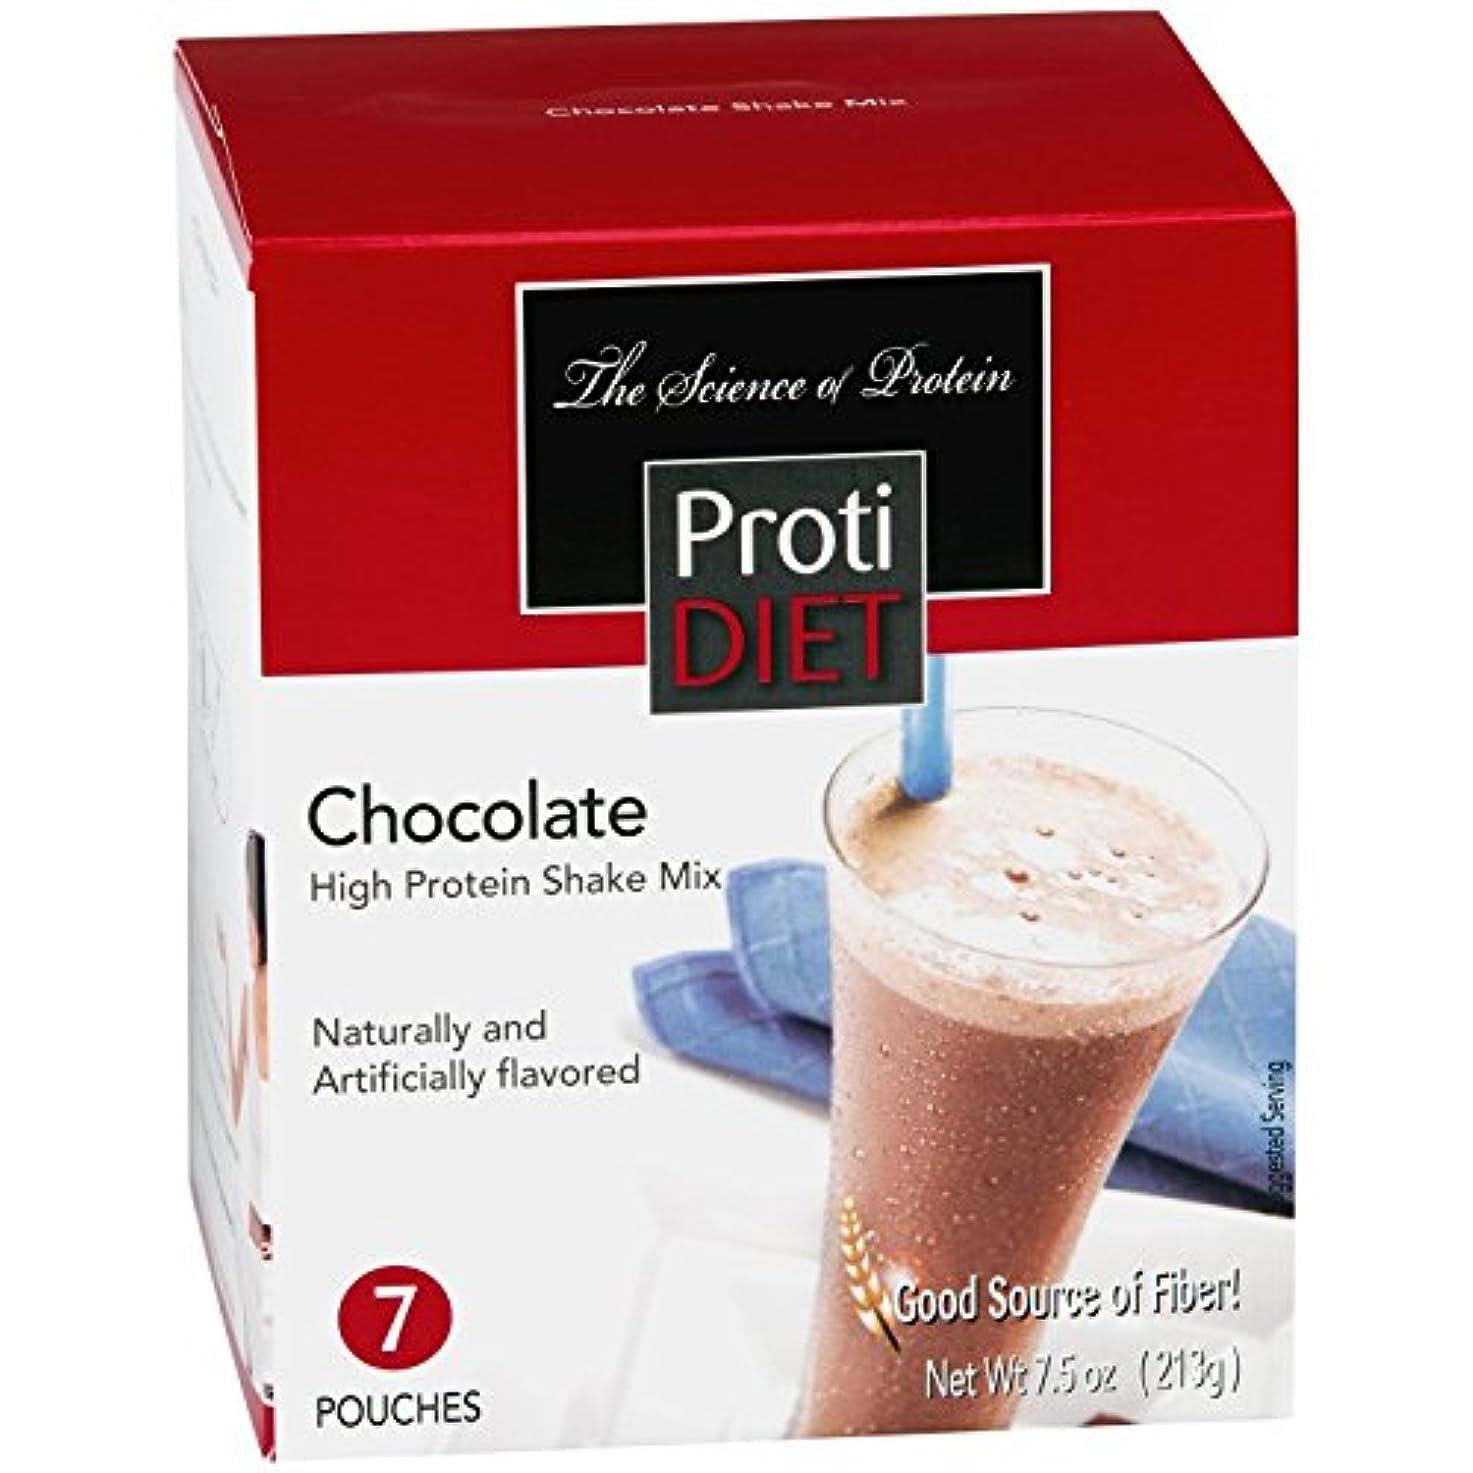 入学する補足ペインティングProti Diet Chocolate Shake (7 pouches per box) Net Wt 7.5oz (213g) by Protidiet